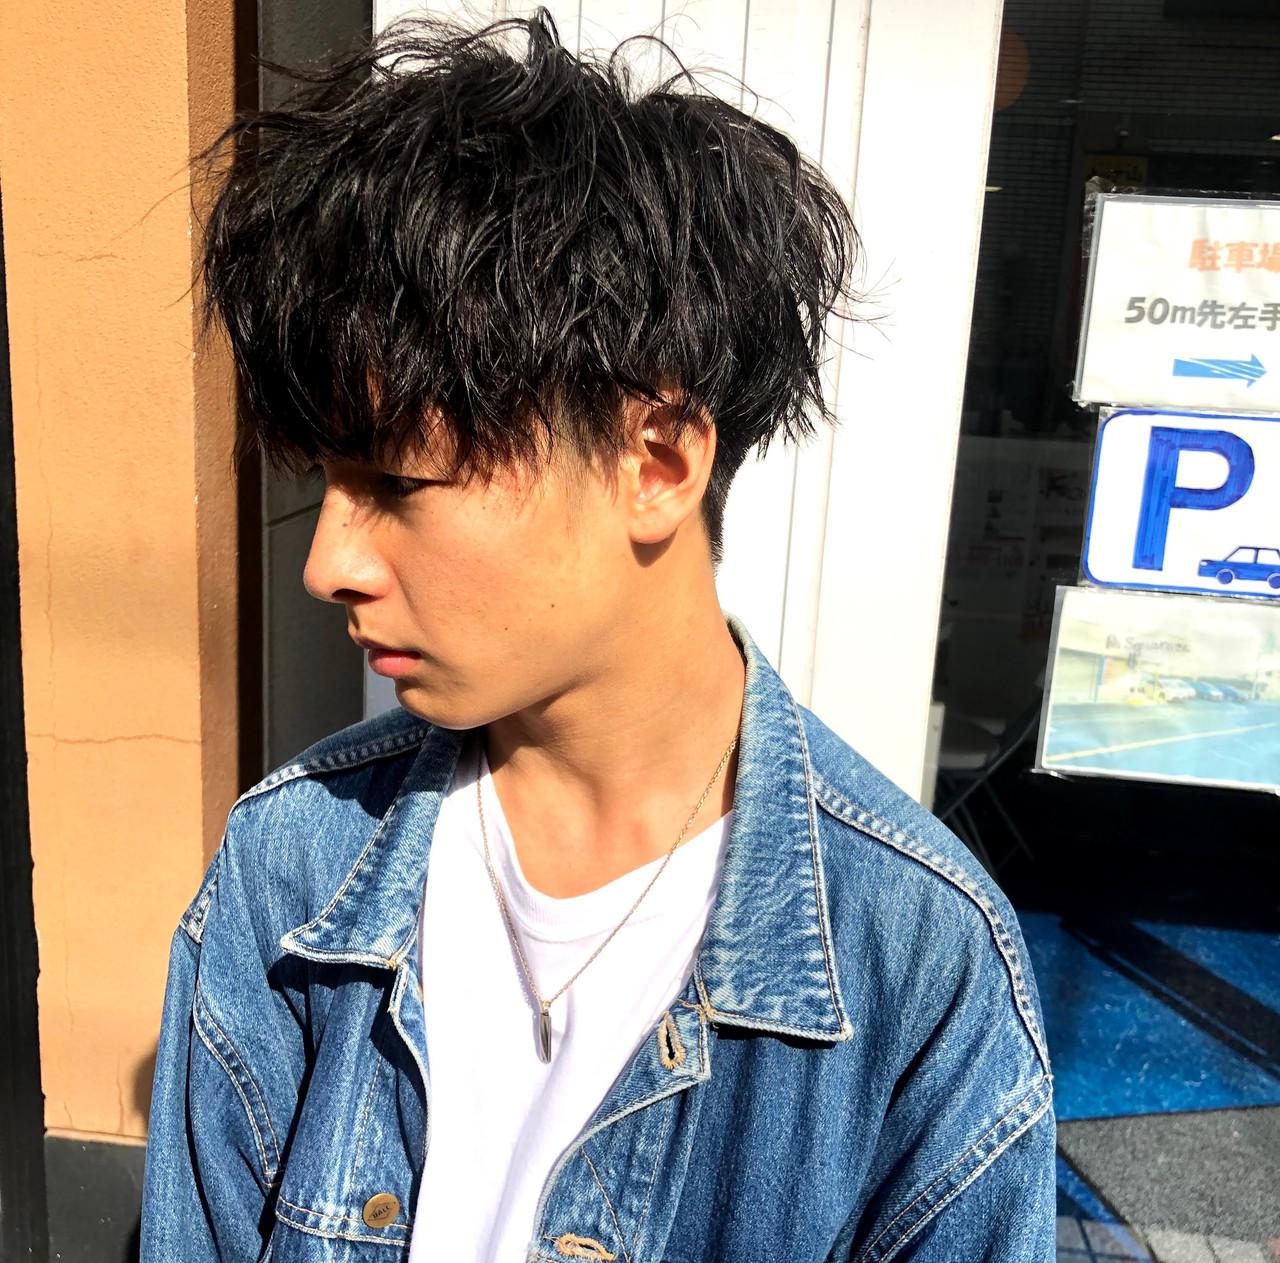 マッシュ ショート メンズパーマ ストリート ヘアスタイルや髪型の写真・画像